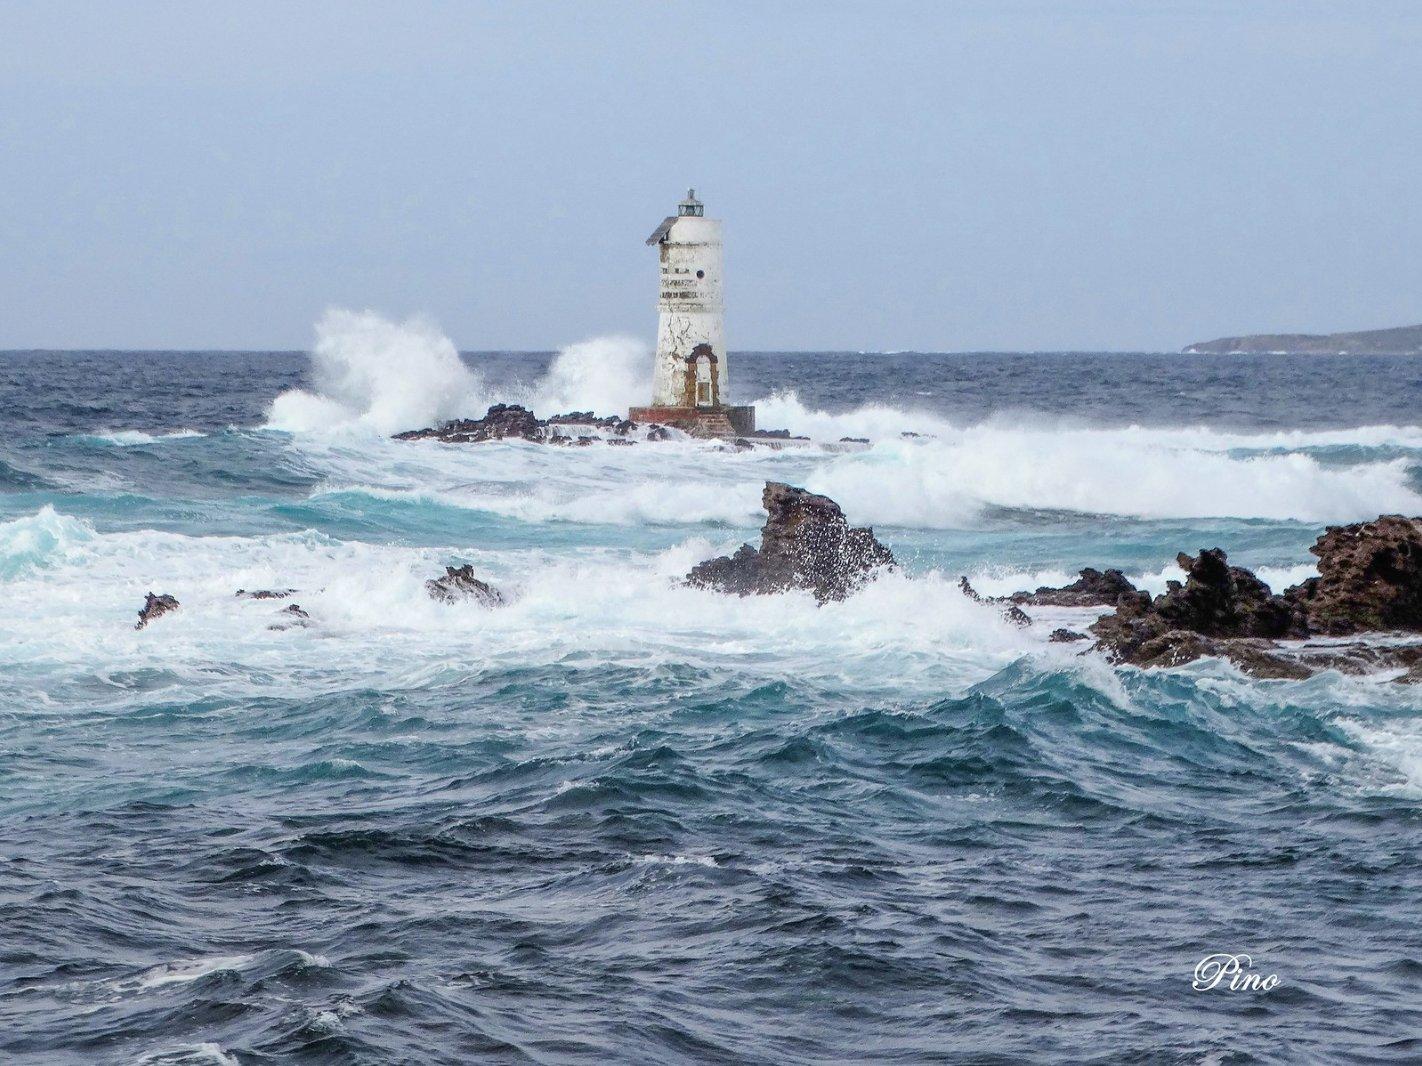 Dal 5 all'8 ottobre, l'Isola di Sant'Antioco incontra ENIT UK e Irlanda.